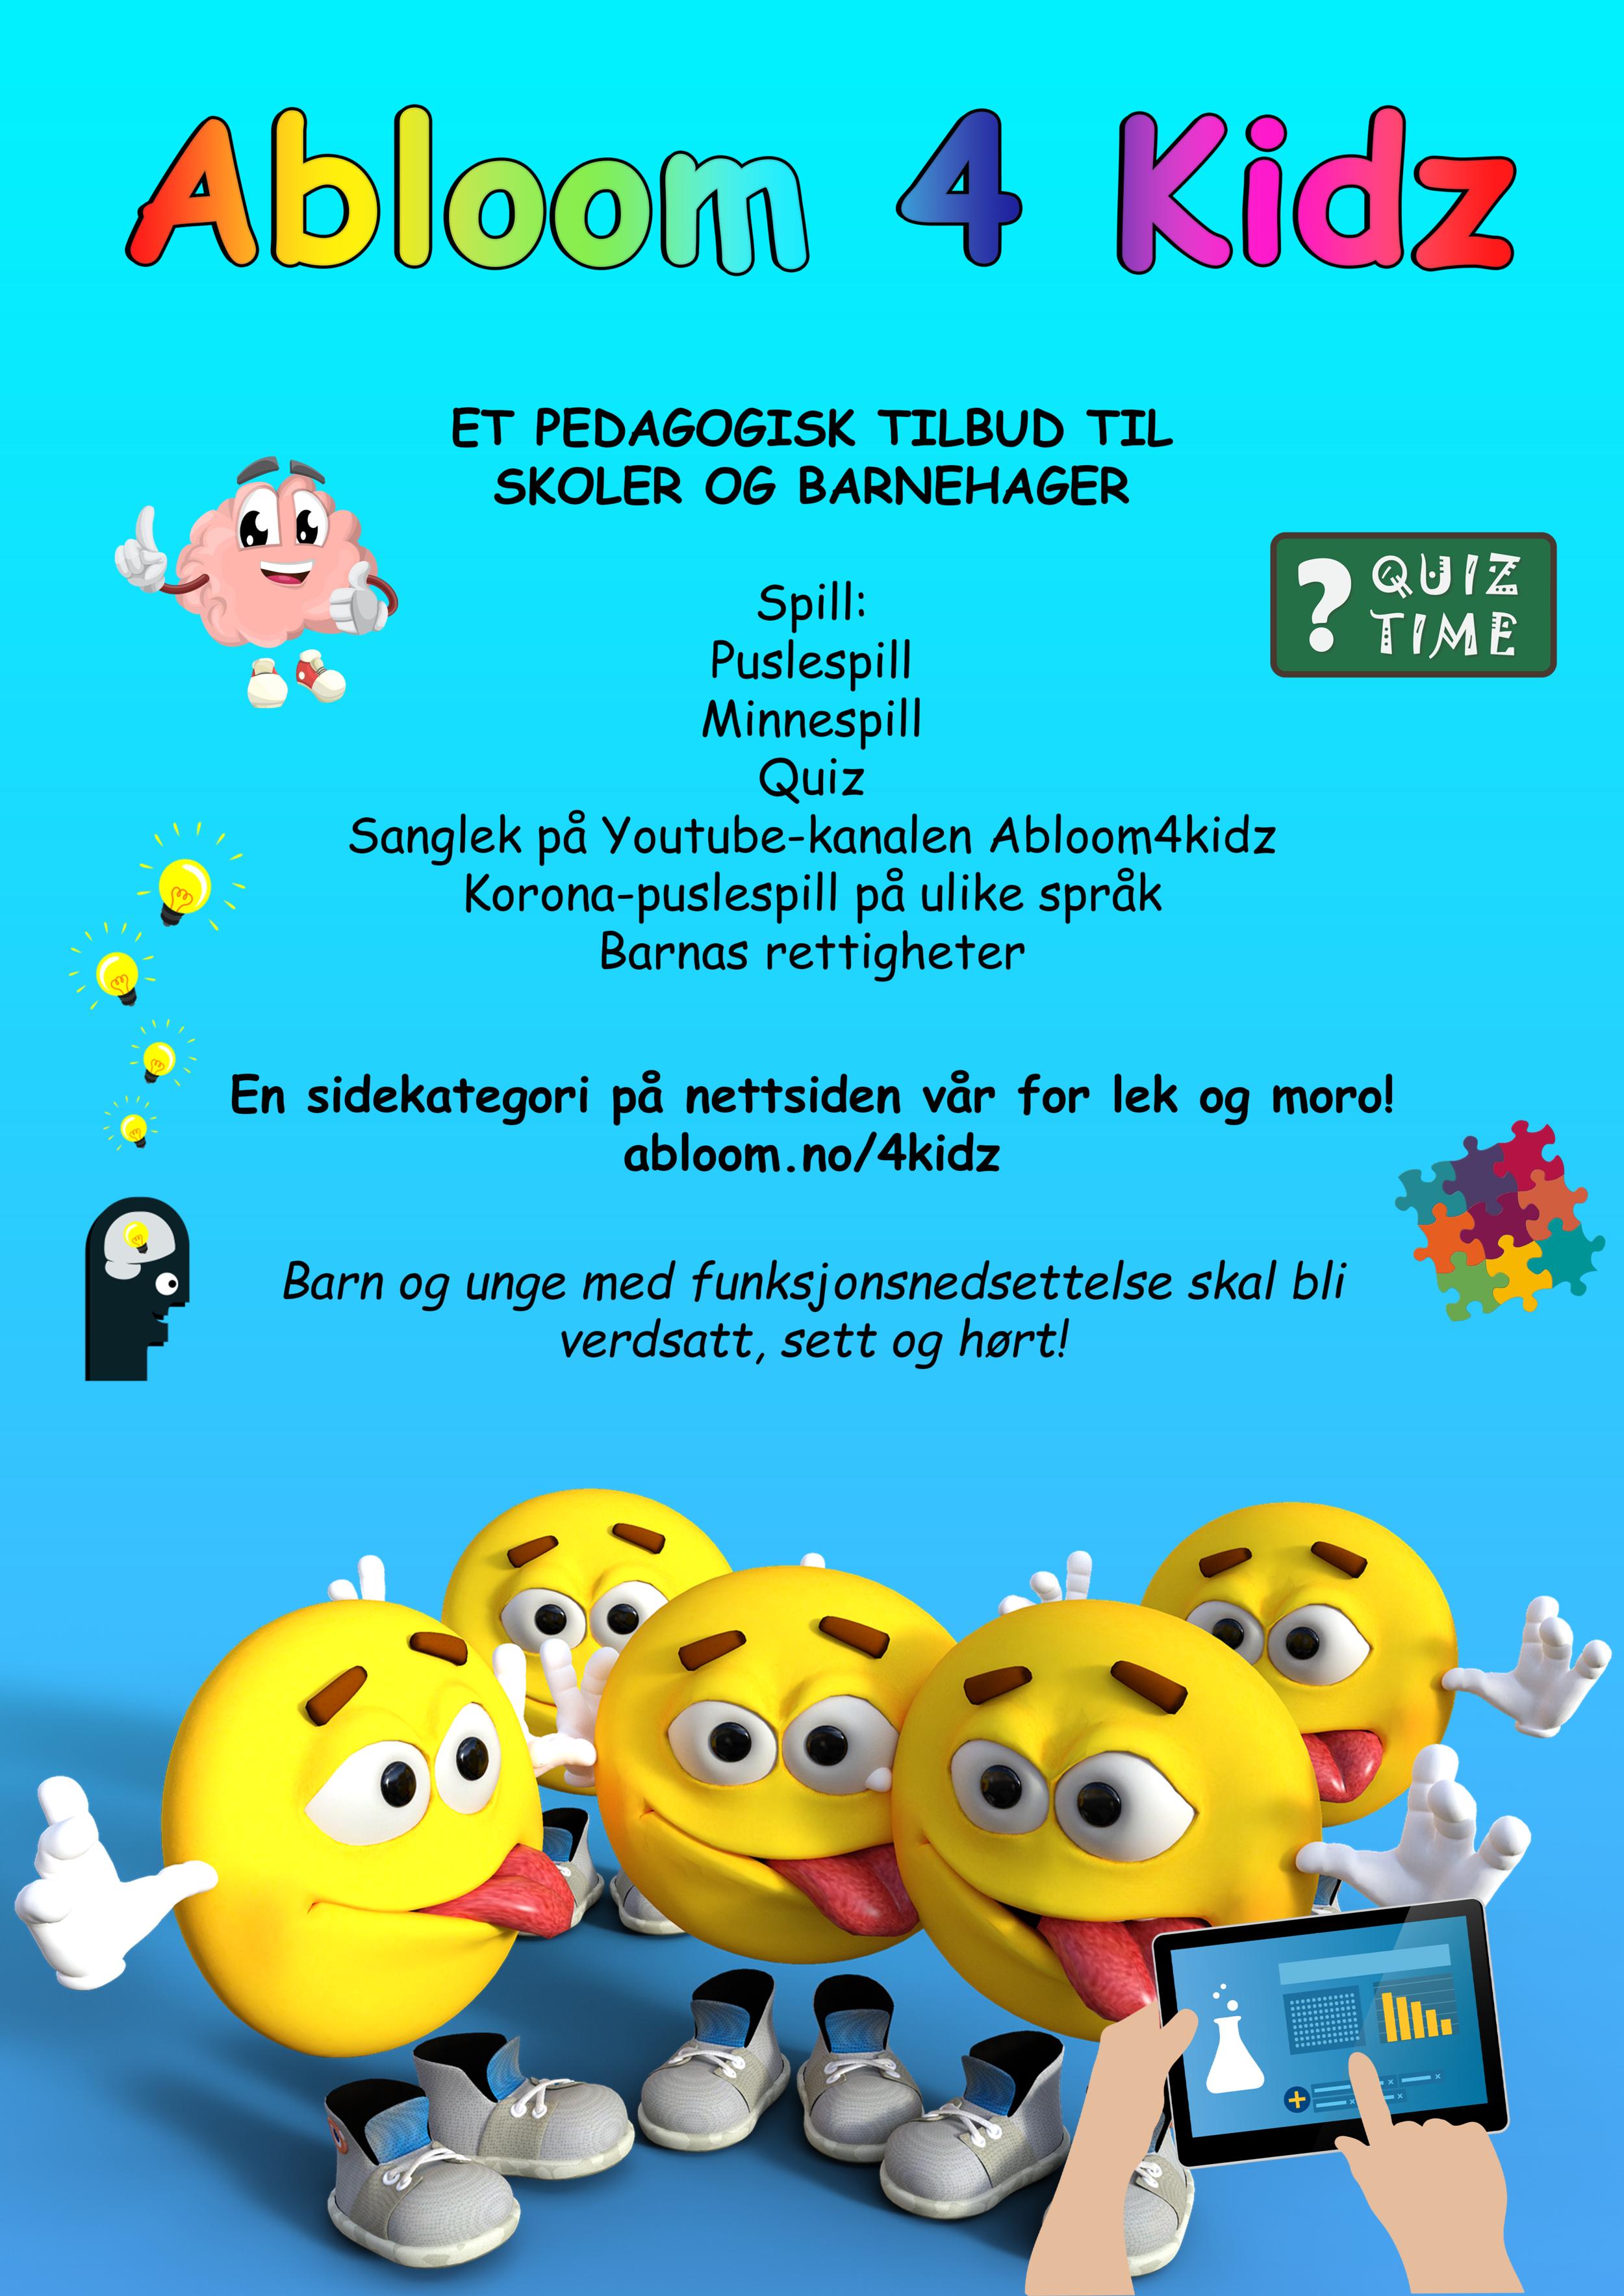 abloom4kidz-plakat-2020-v01.png